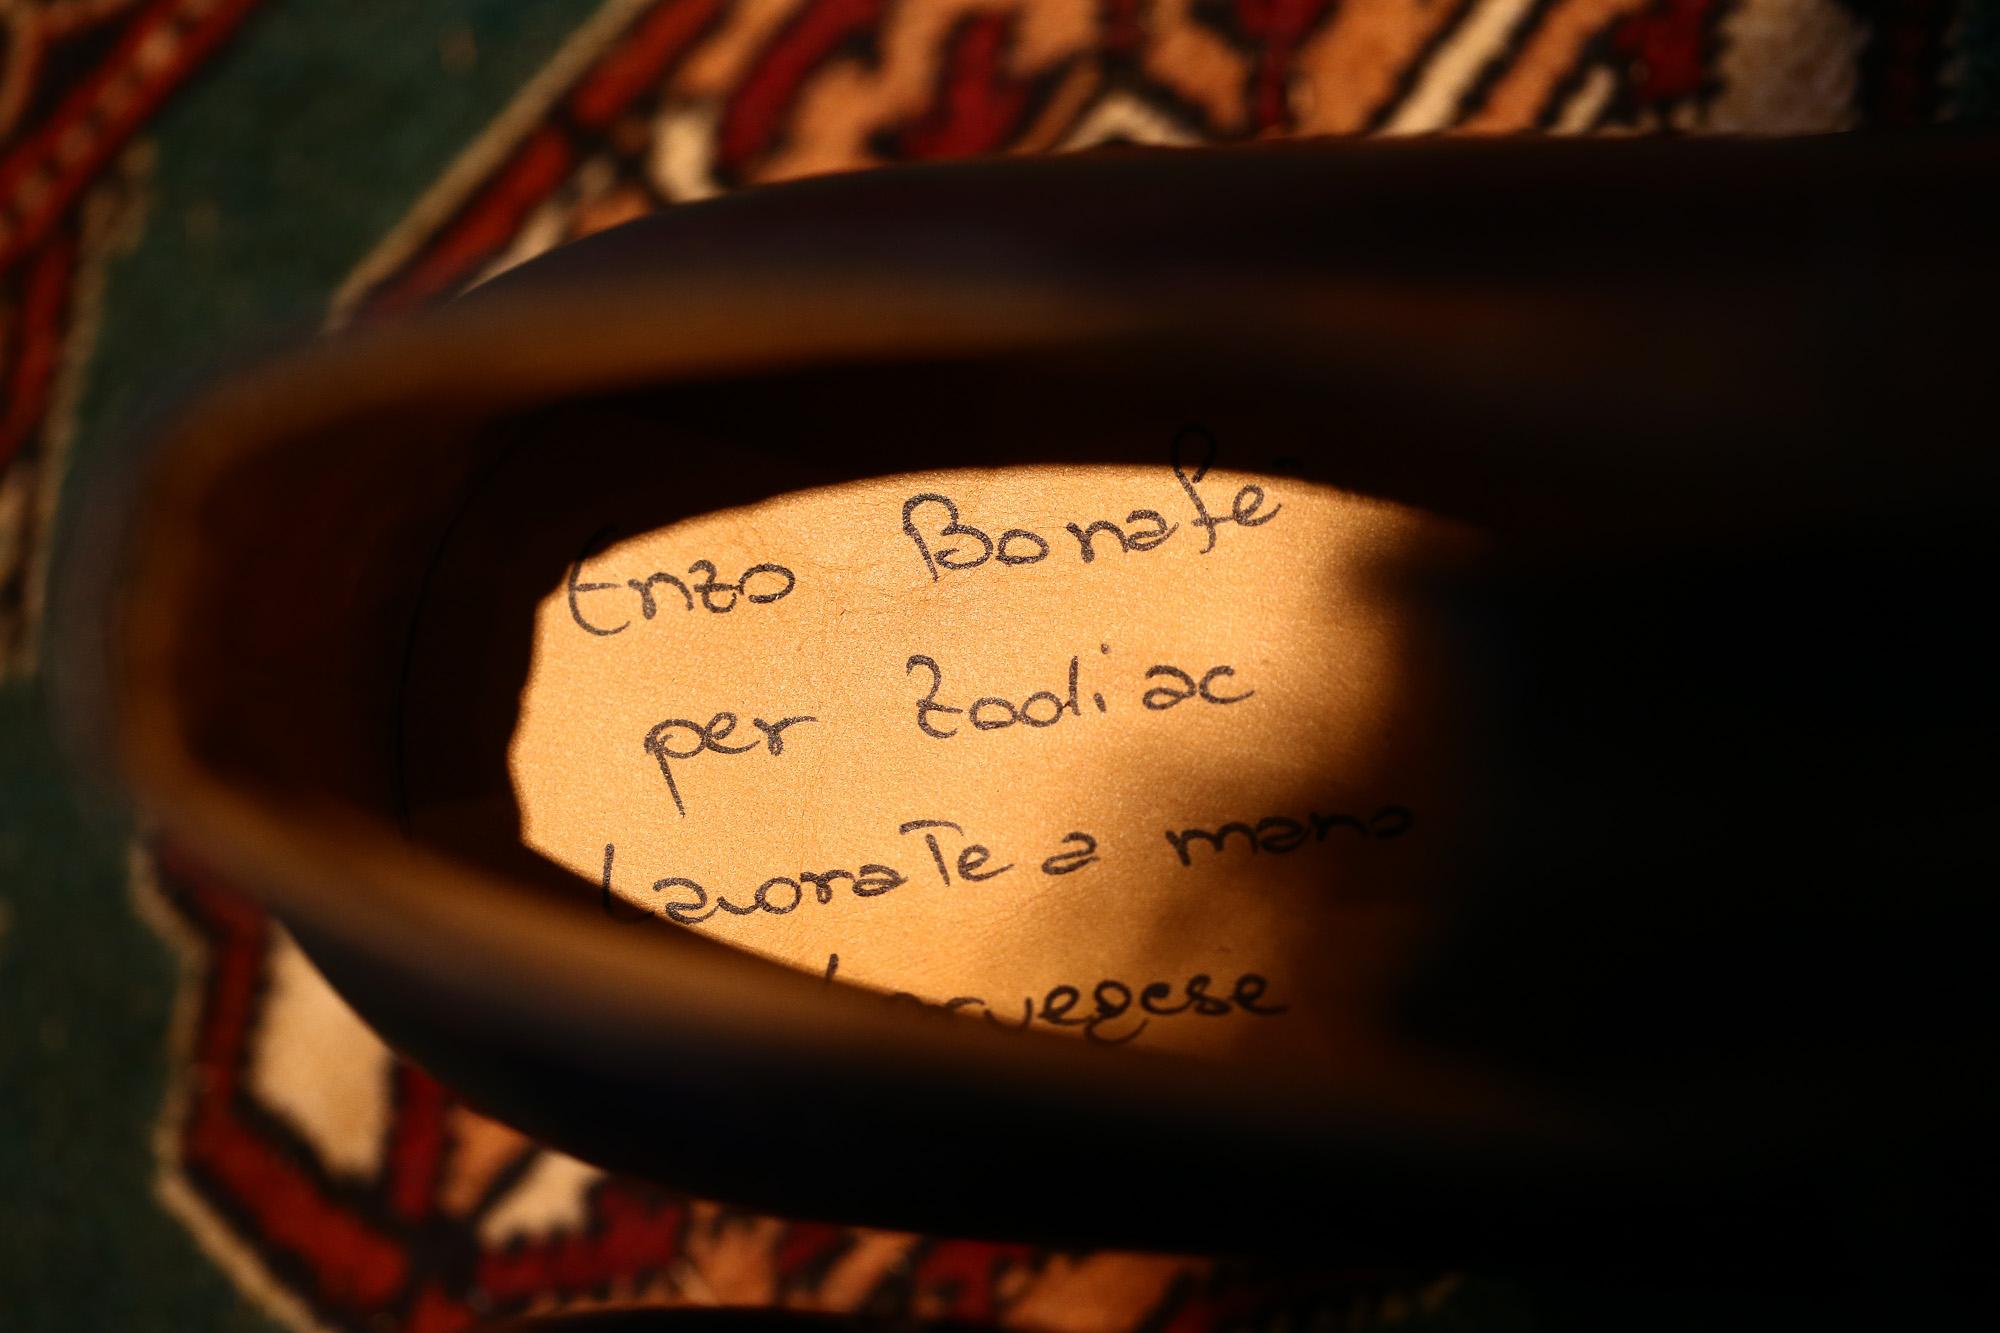 ENZO BONAFE (エンツォボナフェ) ART.3722 Chukka boots Bonaudo Museum Calf Leather ボナウド社 ミュージアムカーフレザー ノルベジェーゼ製法 レザーソール チャッカブーツ DEEP BLUE (ディープブルー) made in Italy(イタリア製) 2018 春夏新作 ENZO BONAFE (エンツォボナフェ) ART.3722 Chukka boots Bonaudo Museum Calf Leather ボナウド社 ミュージアムカーフレザー ノルベジェーゼ製法 レザーソール チャッカブーツ DEEP BLUE (ディープブルー) made in Italy(イタリア製) 2018 春夏新作